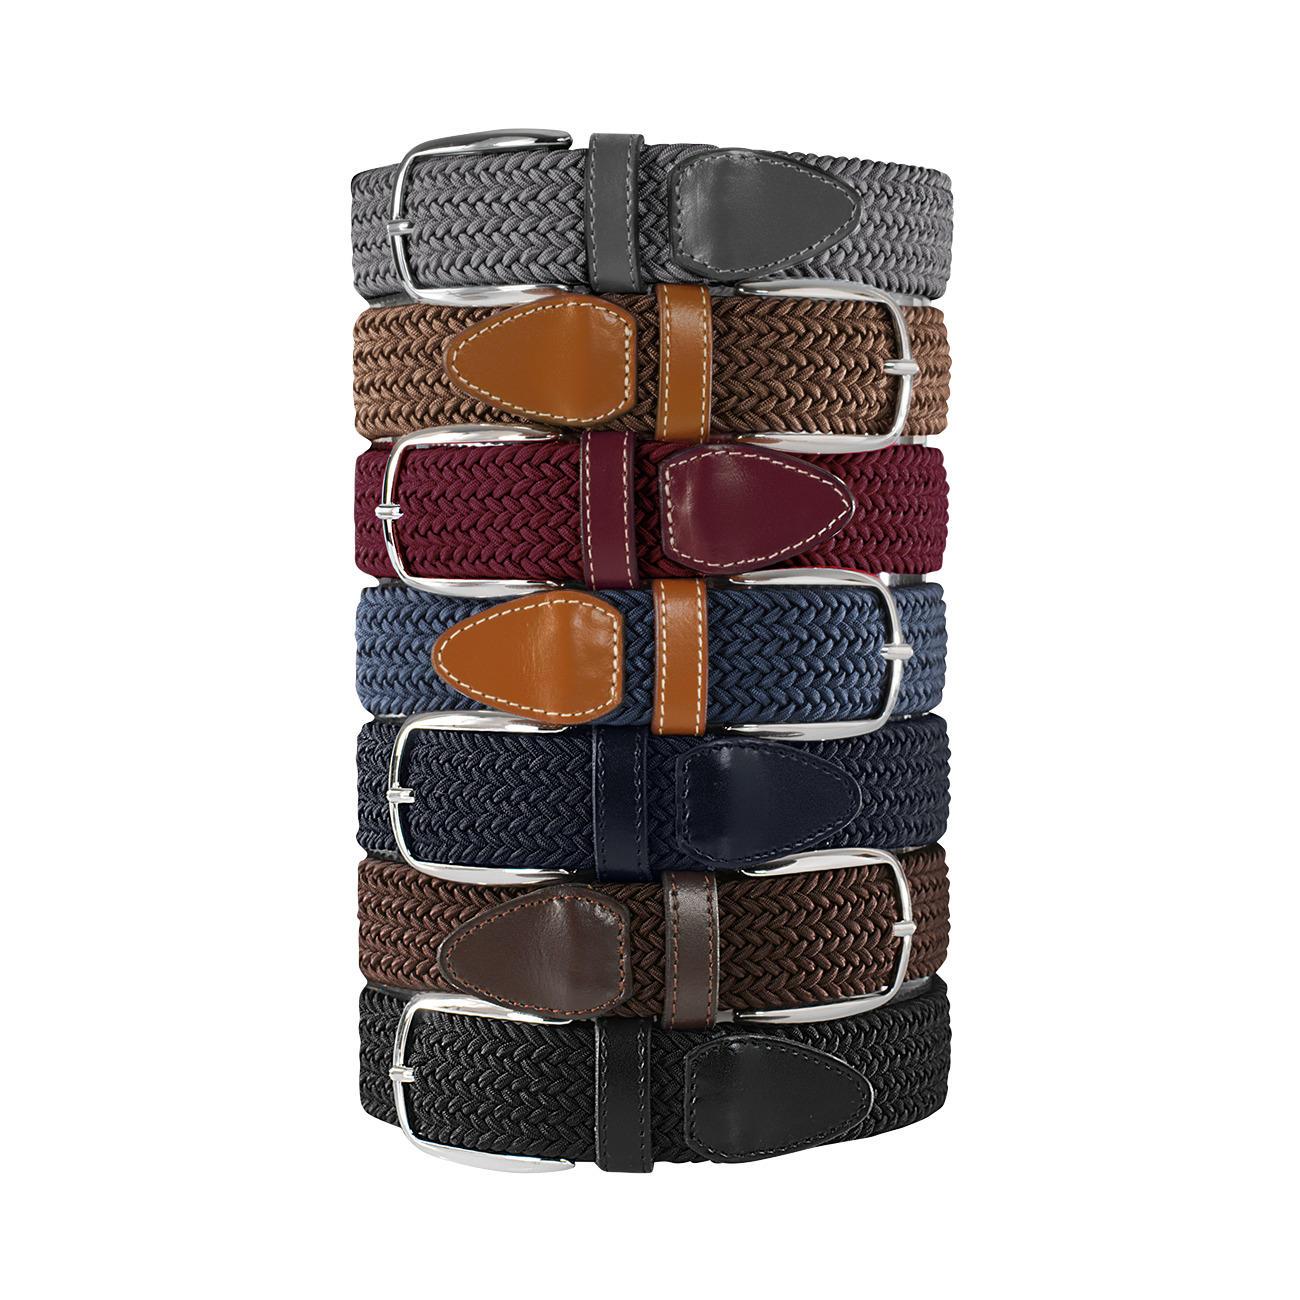 18f53c988f26 La ceinture extensible Belts - Cette ceinture est incroyable   confortable,  réglable en continu …